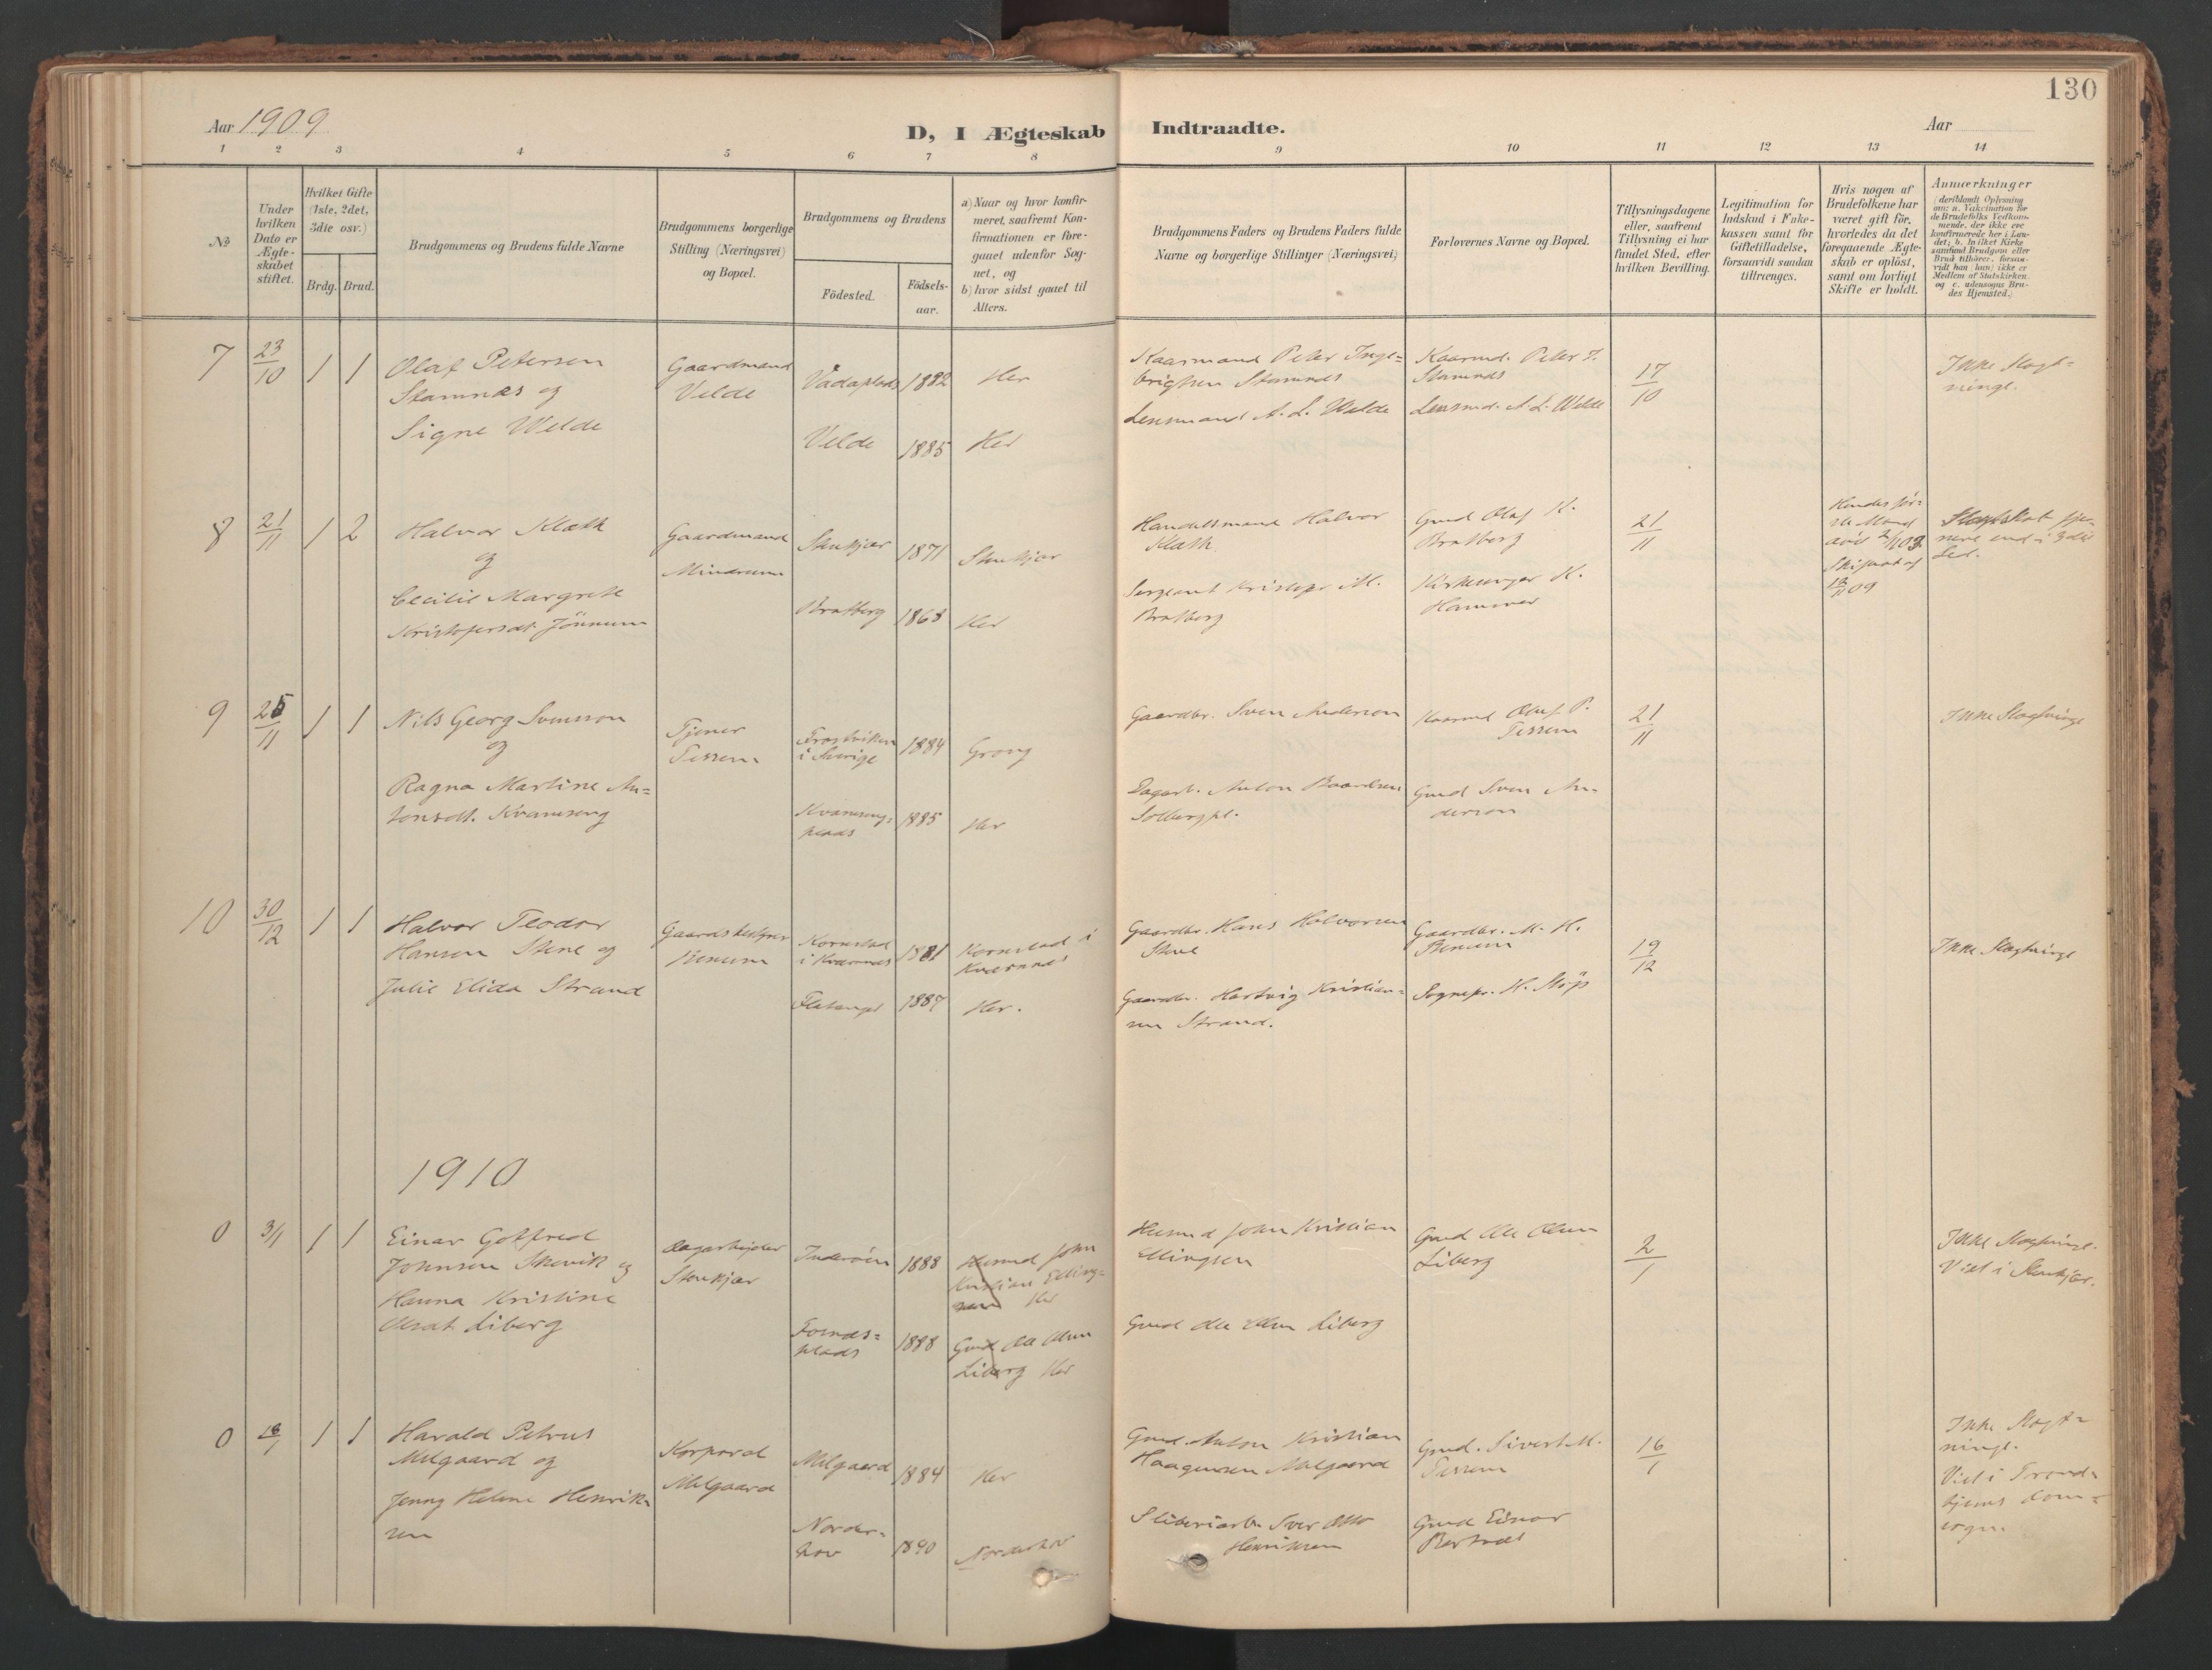 SAT, Ministerialprotokoller, klokkerbøker og fødselsregistre - Nord-Trøndelag, 741/L0397: Ministerialbok nr. 741A11, 1901-1911, s. 130